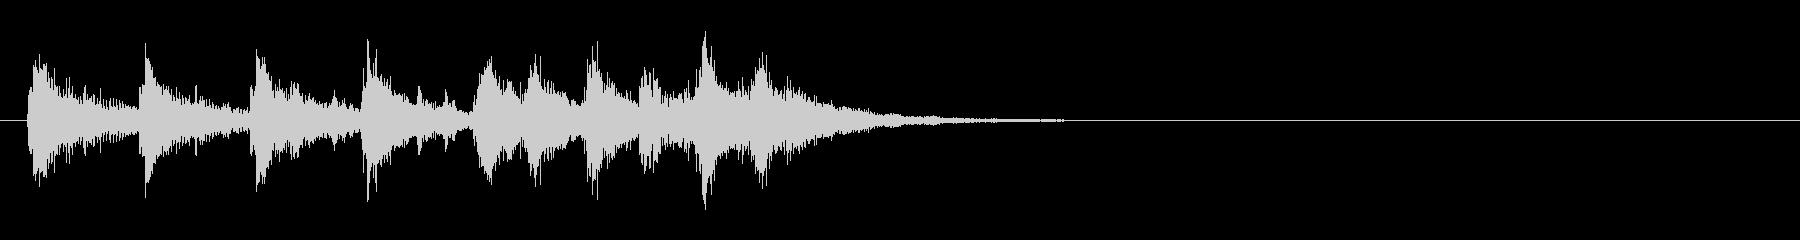 ラテン風のサウンドロゴ(学校のチャイム)の未再生の波形